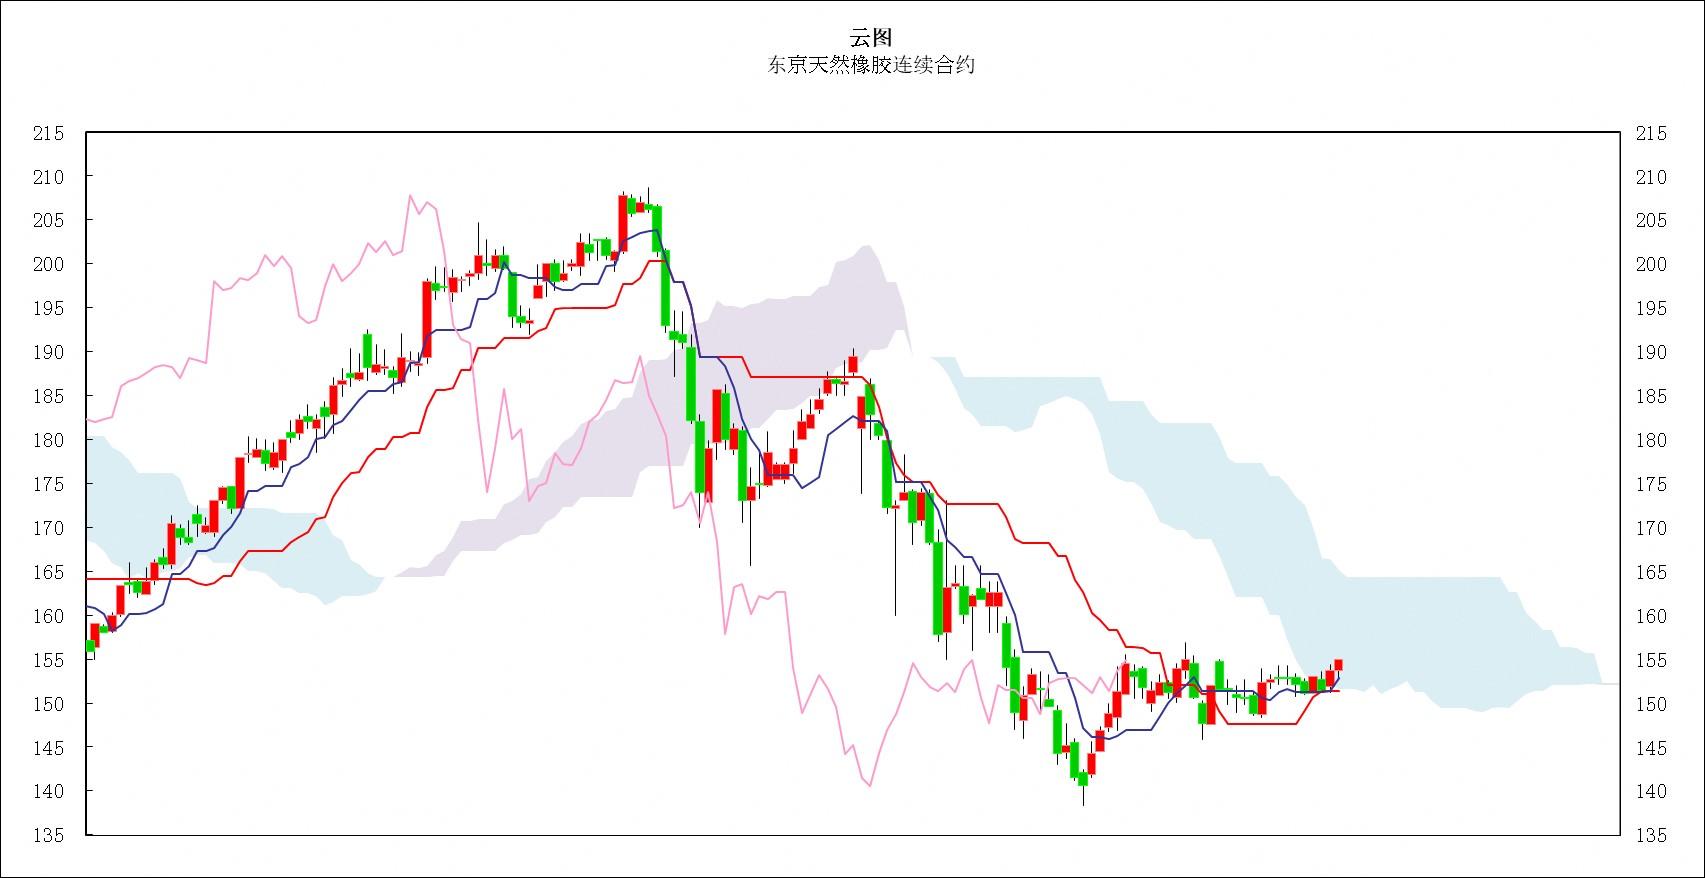 日本商品市场日评:东京黄金小幅反弹,橡胶连续上涨